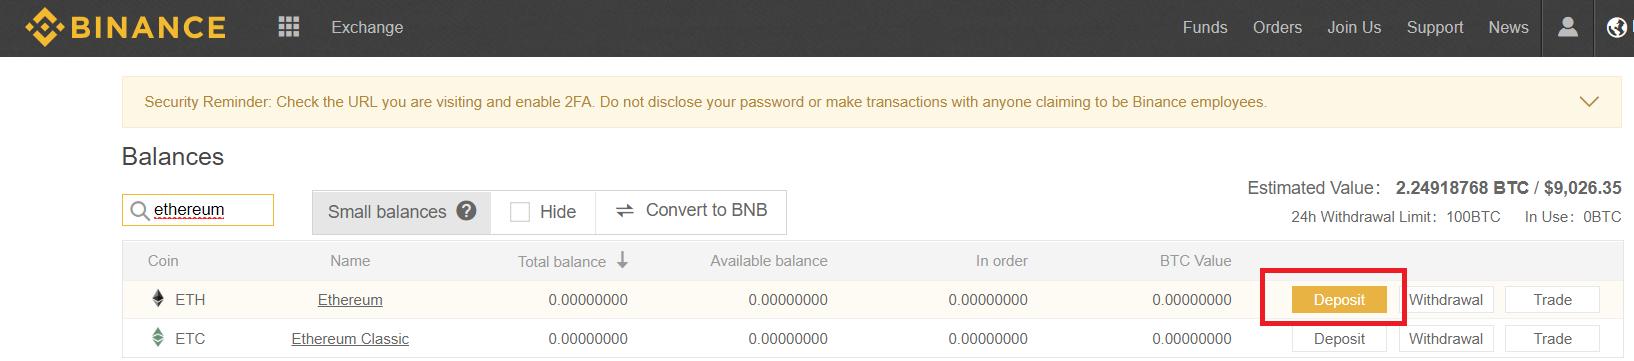 Balances - Deposit